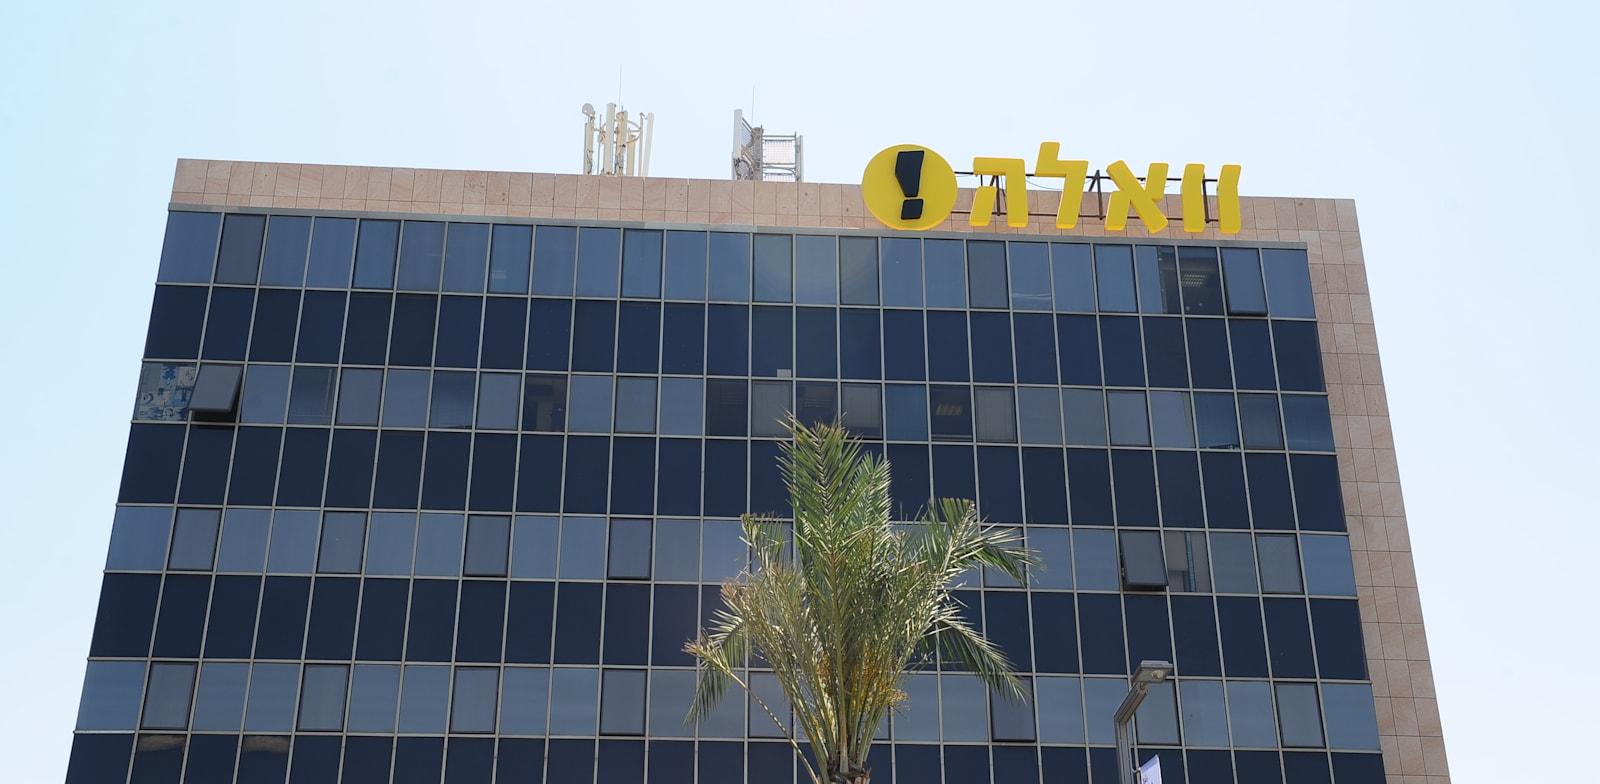 בניין אתר וואלה בתל אביב / צילום: תמר מצפי